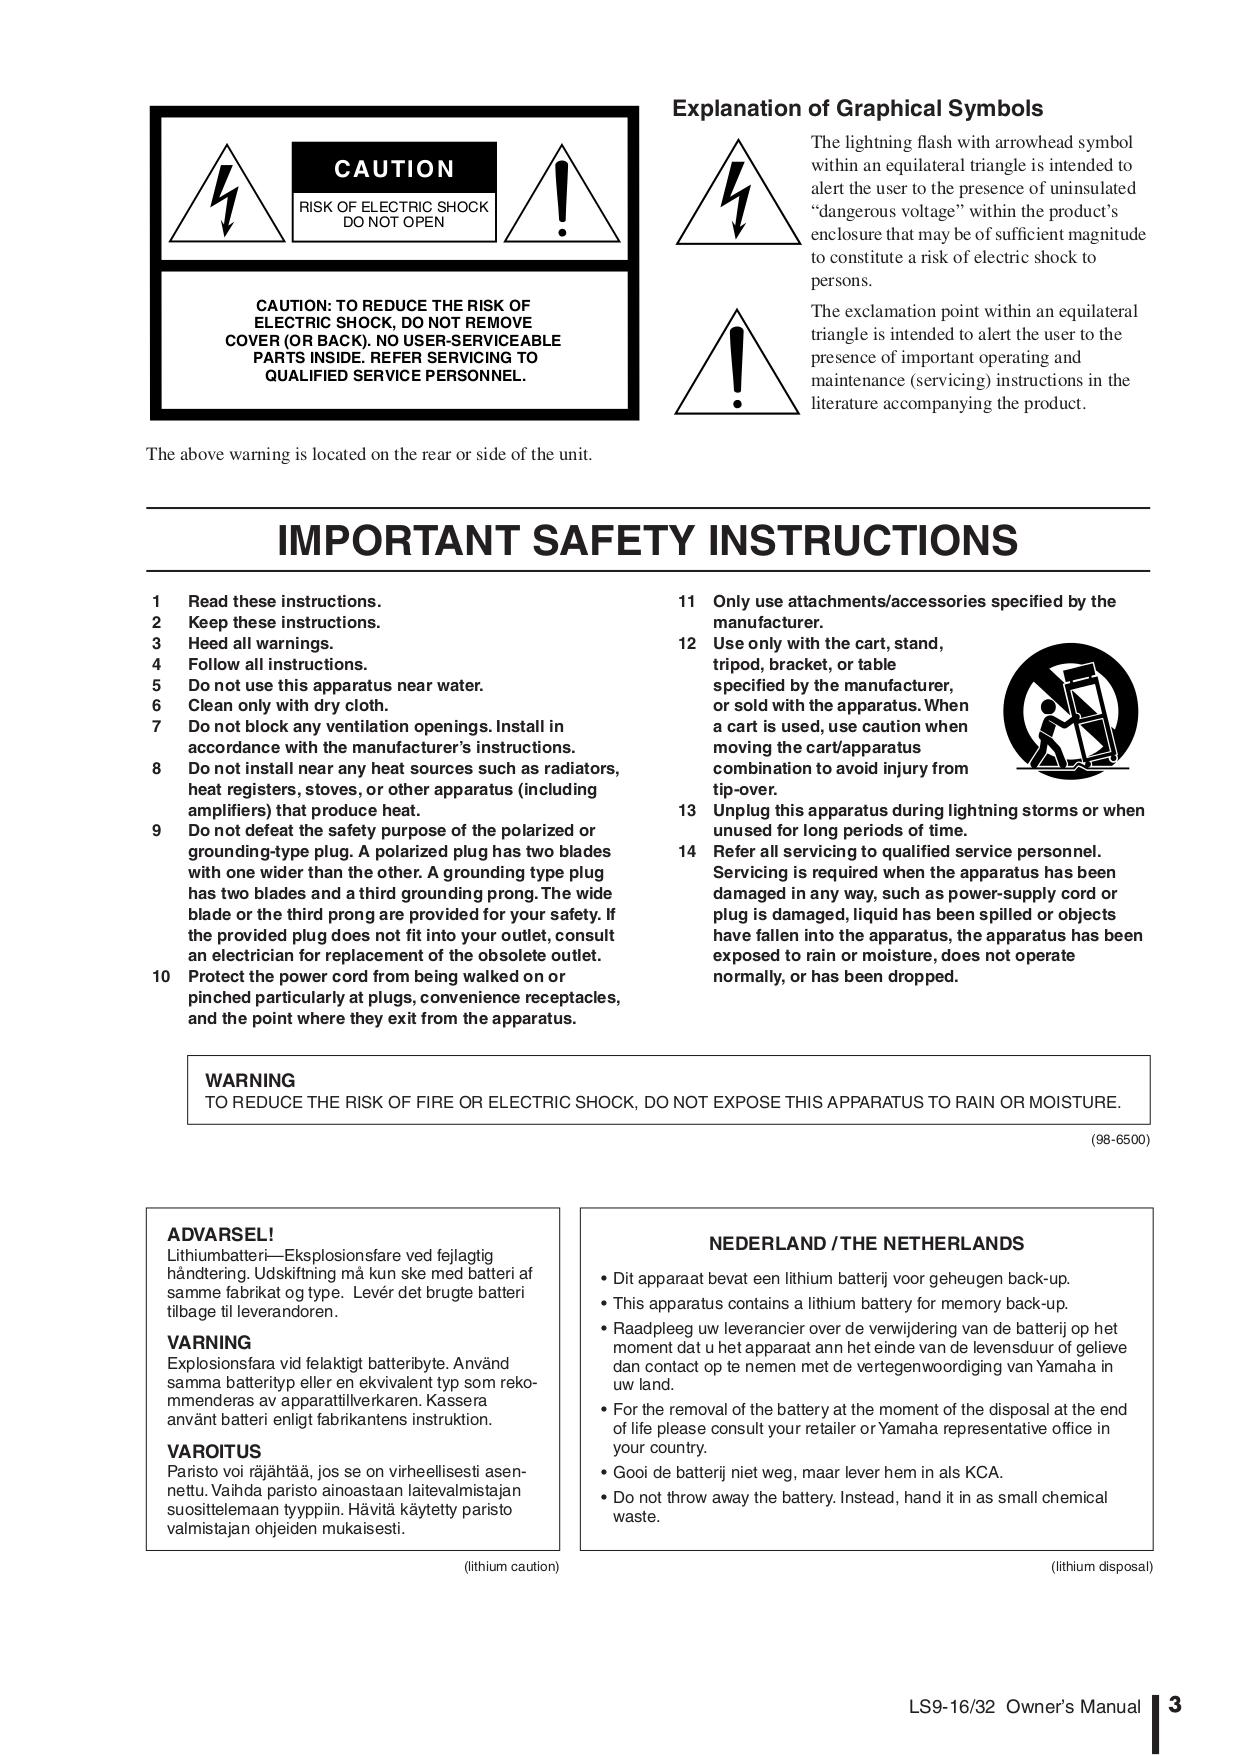 yamaha aw4416 professional audio workstation original service manual and  repair guide Array - pdf manual for yamaha receiver r 9 rh umlib com